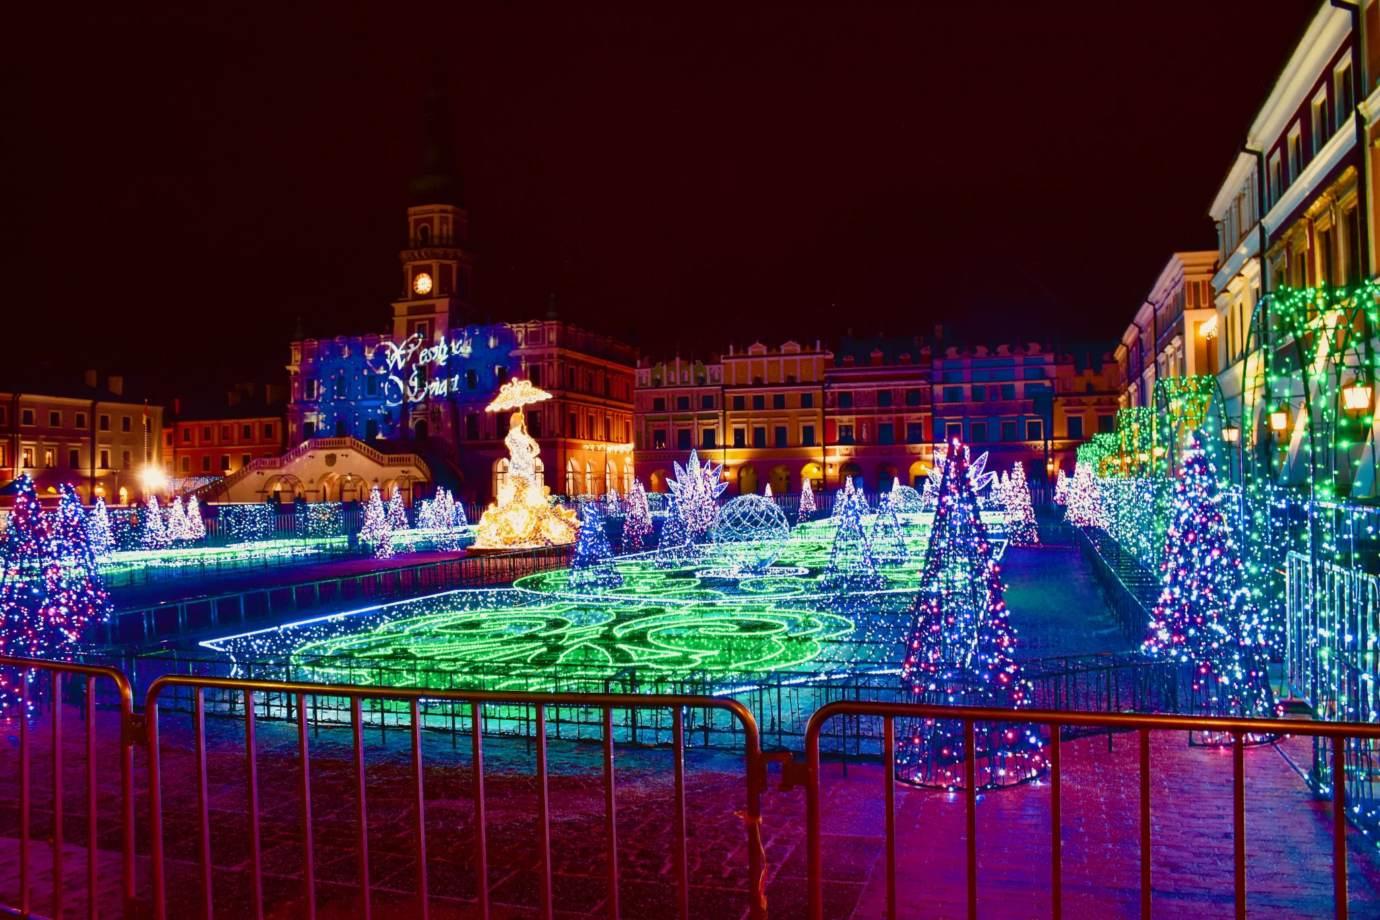 dsc 3974 Świetlny labirynt w sercu miasta. Zamość uroczyście odpali świąteczne iluminacje